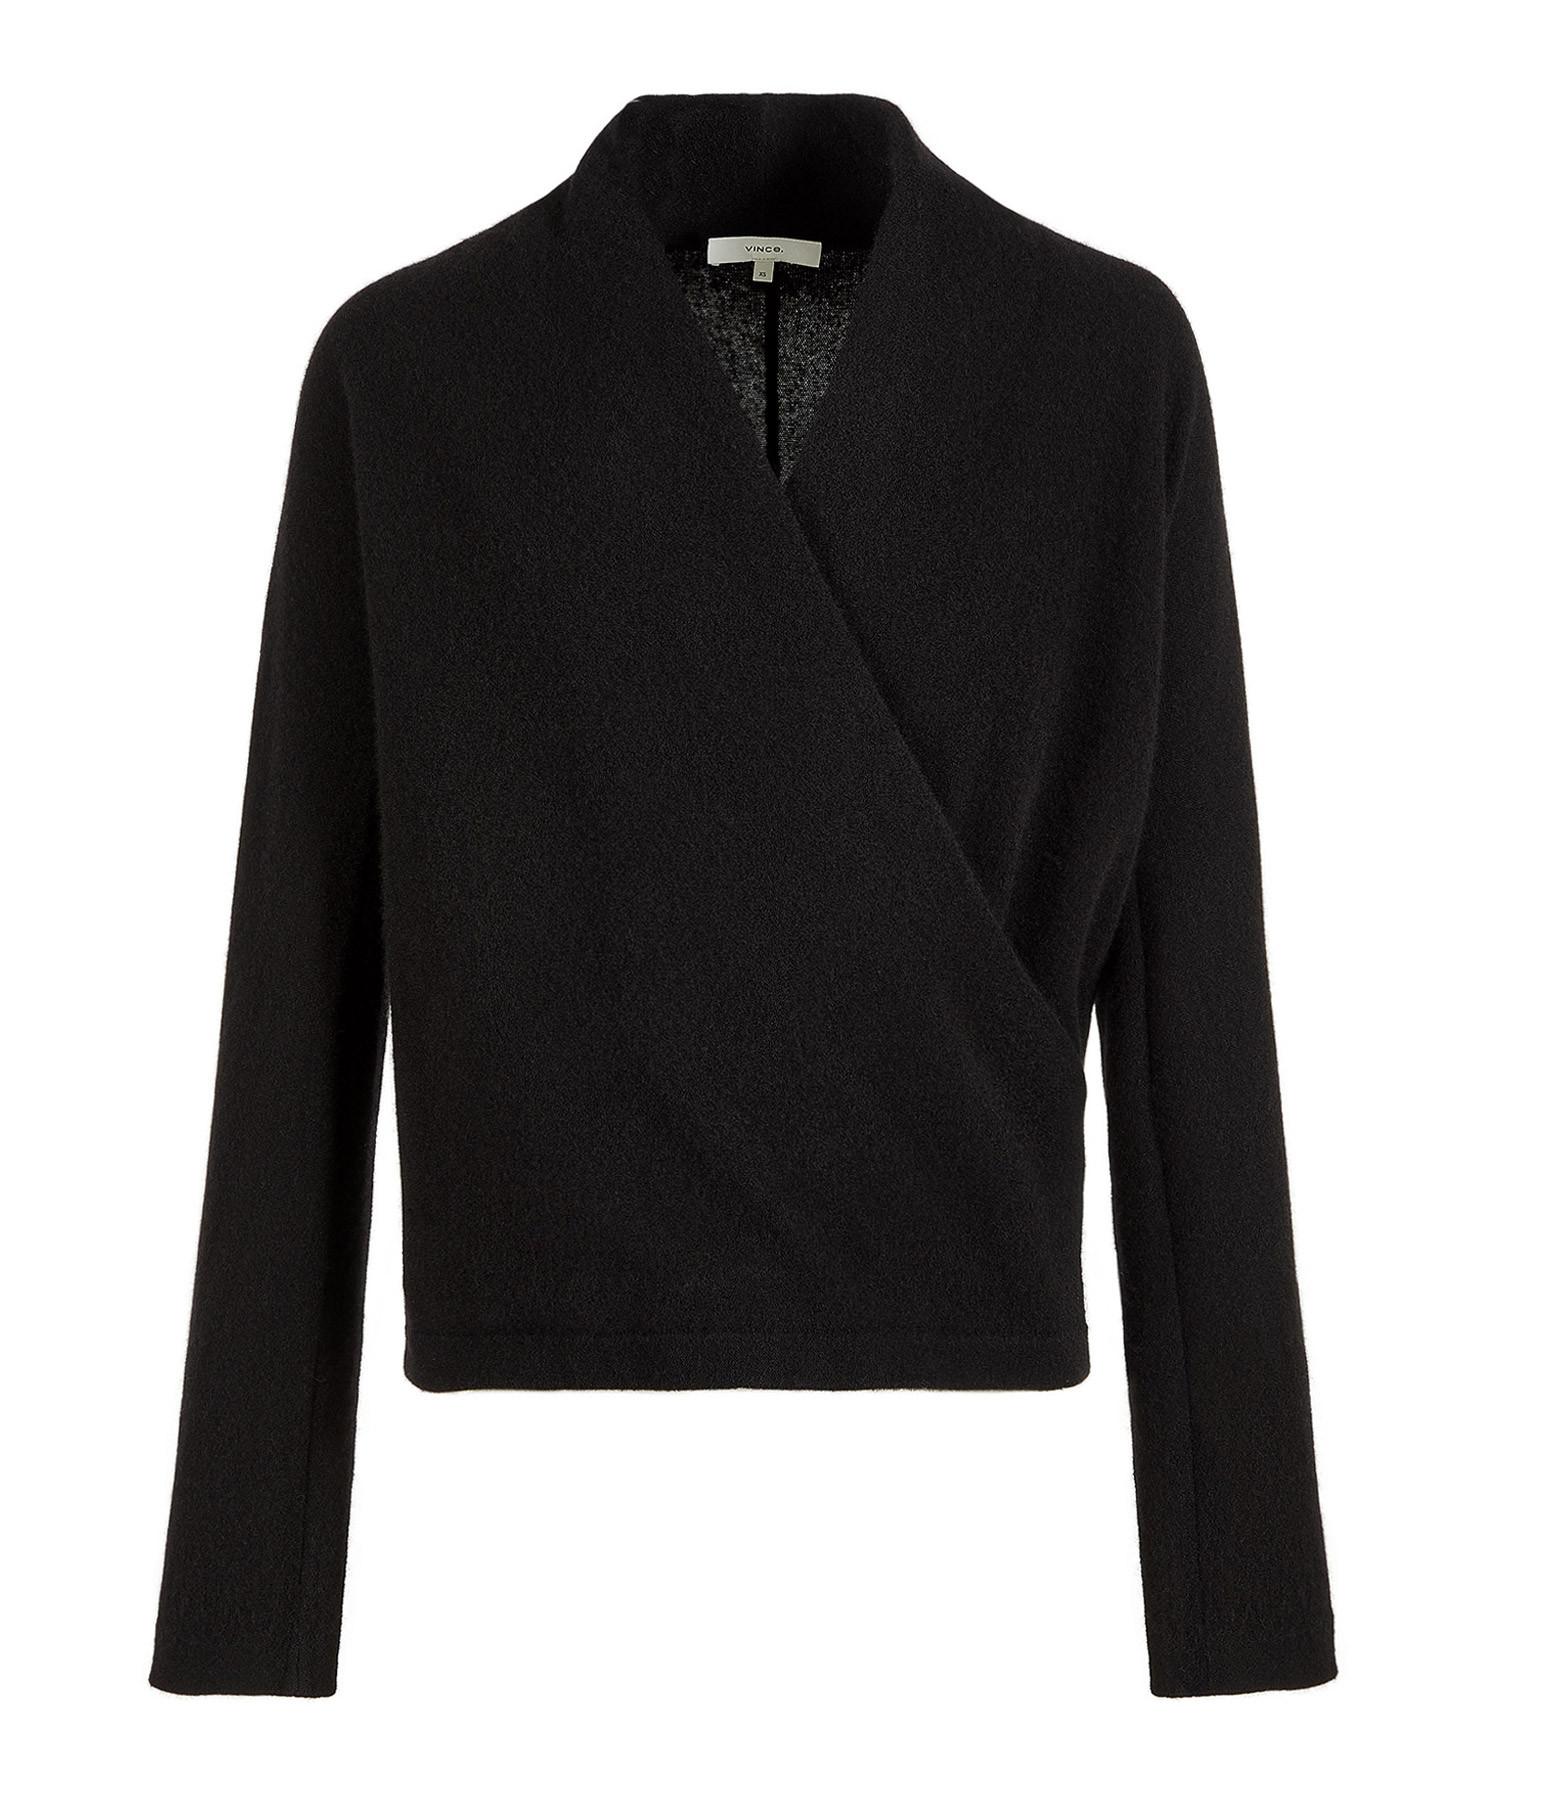 VINCE - Sweatshirt Noir